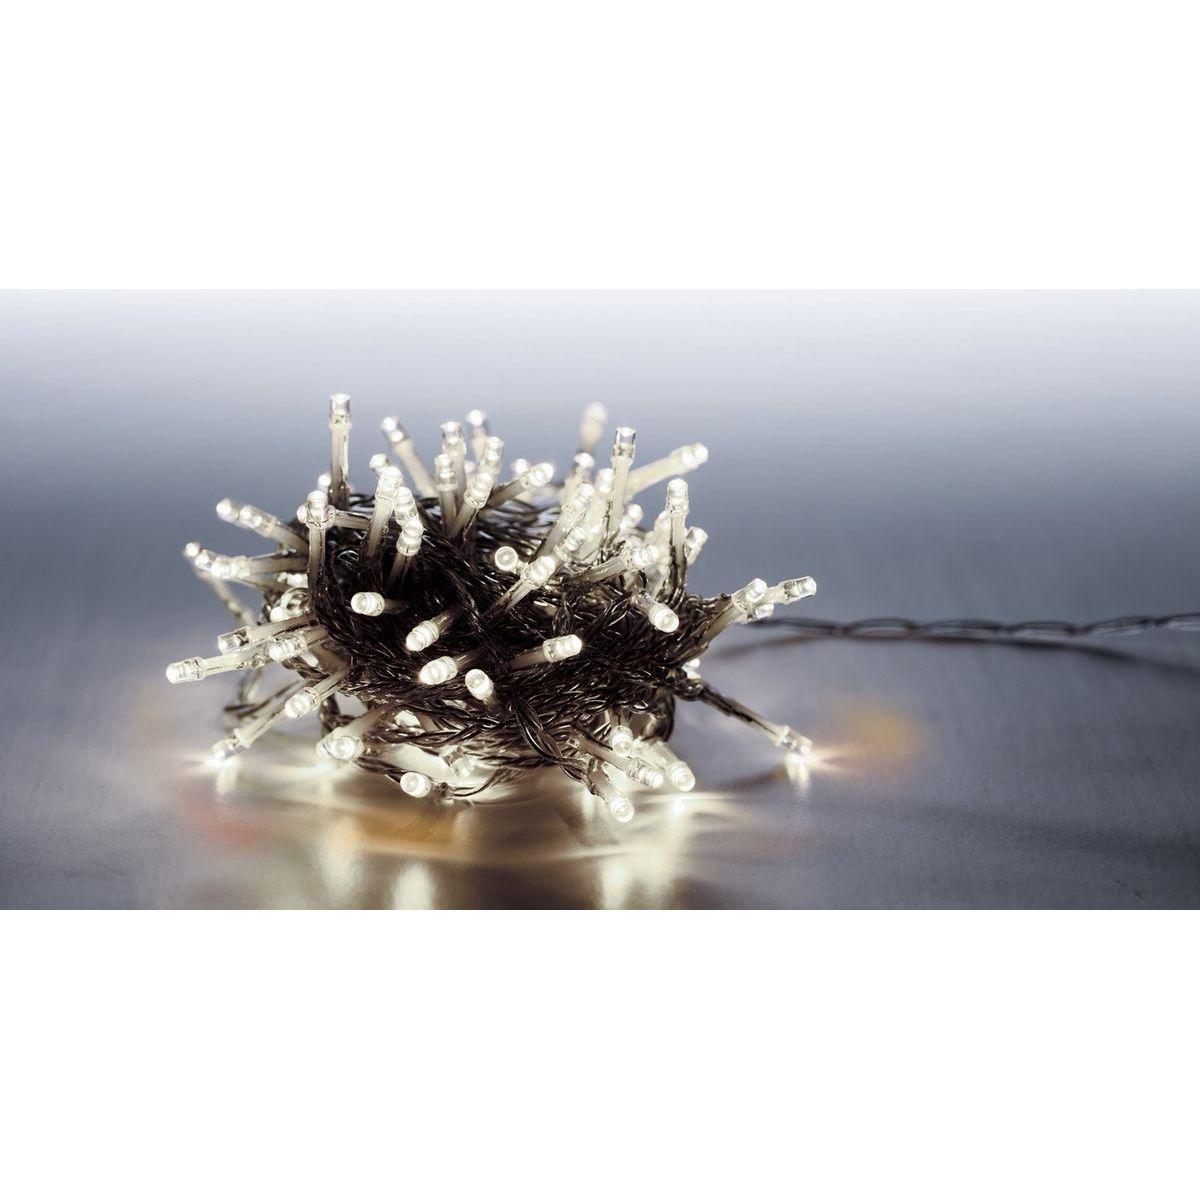 Reťaz svetelný 100 LED 5 m studená biela transparent kábel 8 funkcií